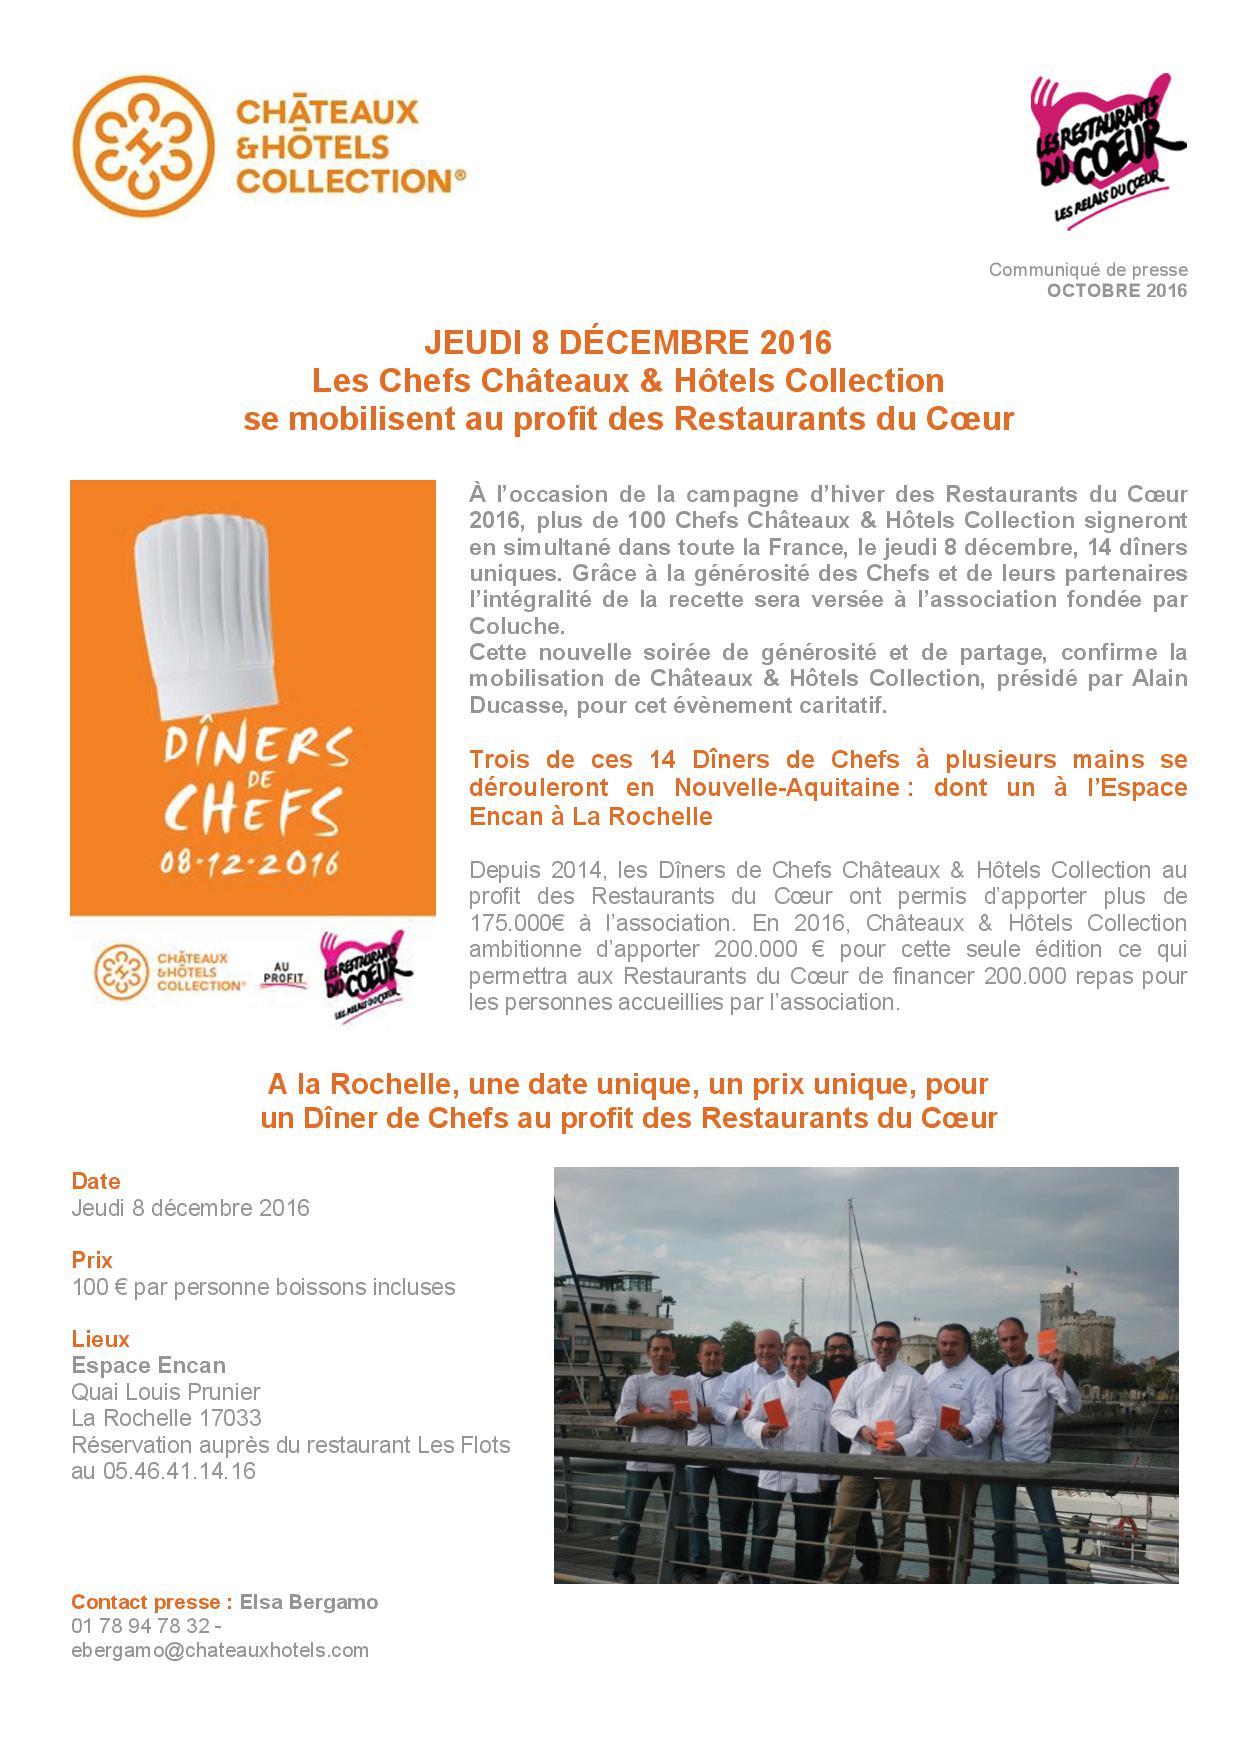 cp-chc_-diner-de-chefs-la-rochelle1